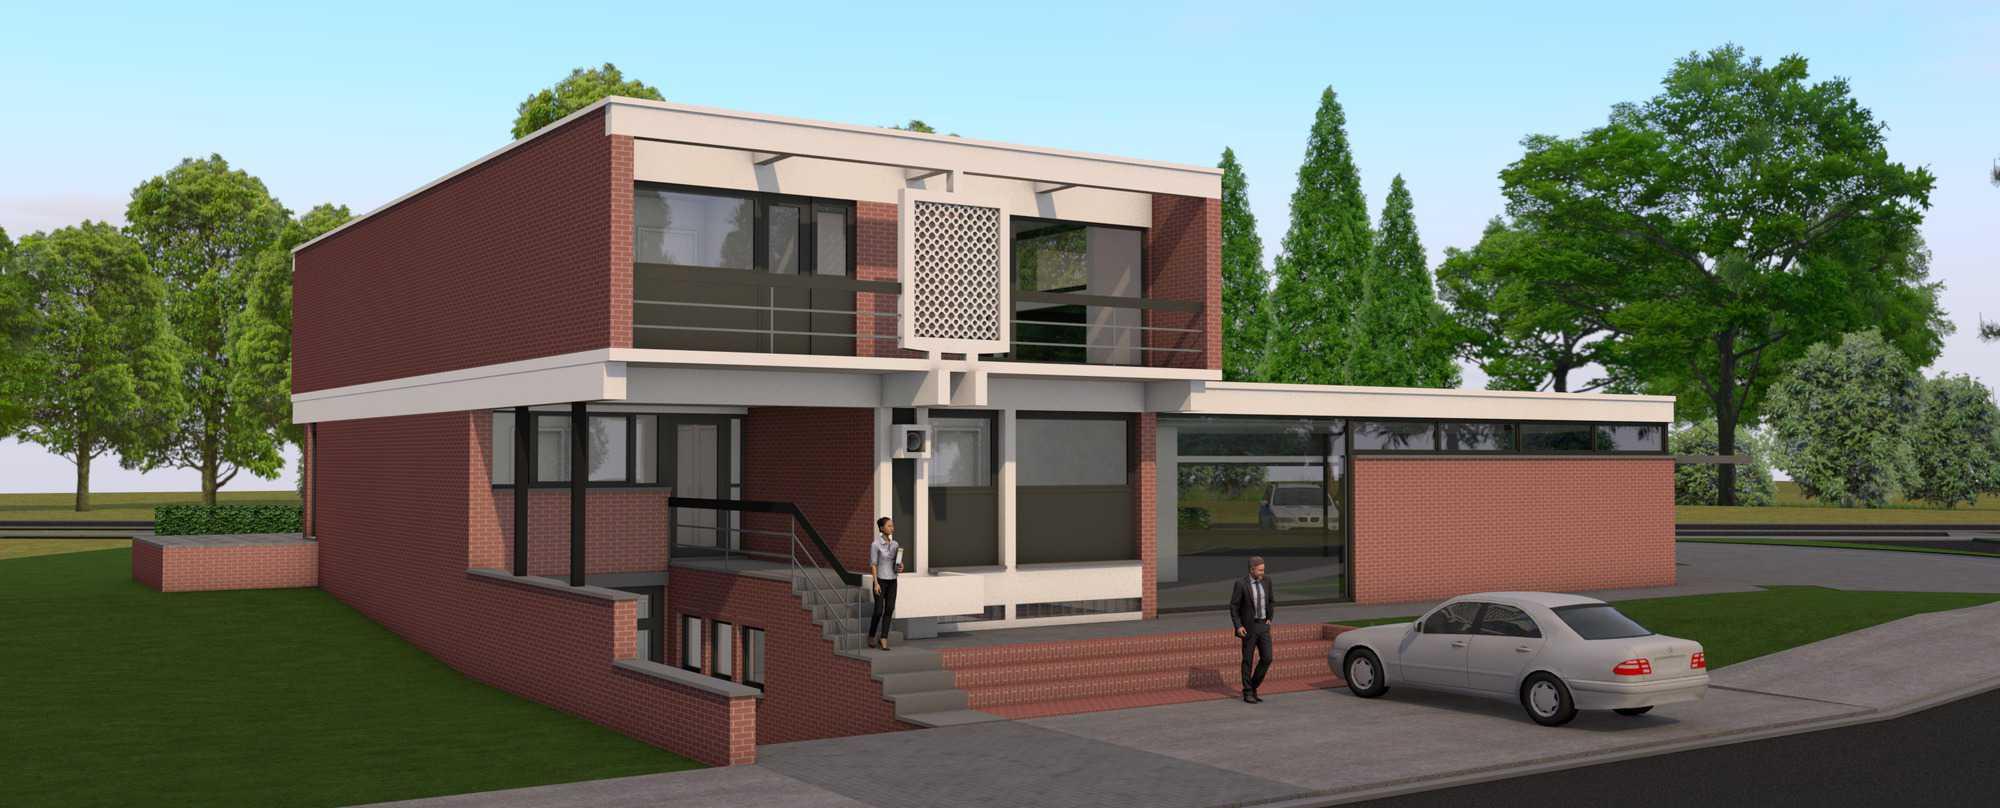 Detail afbeelding 1 van Verbouwing Modernistische Villa | Ontwerp door architect Patrick Strackx